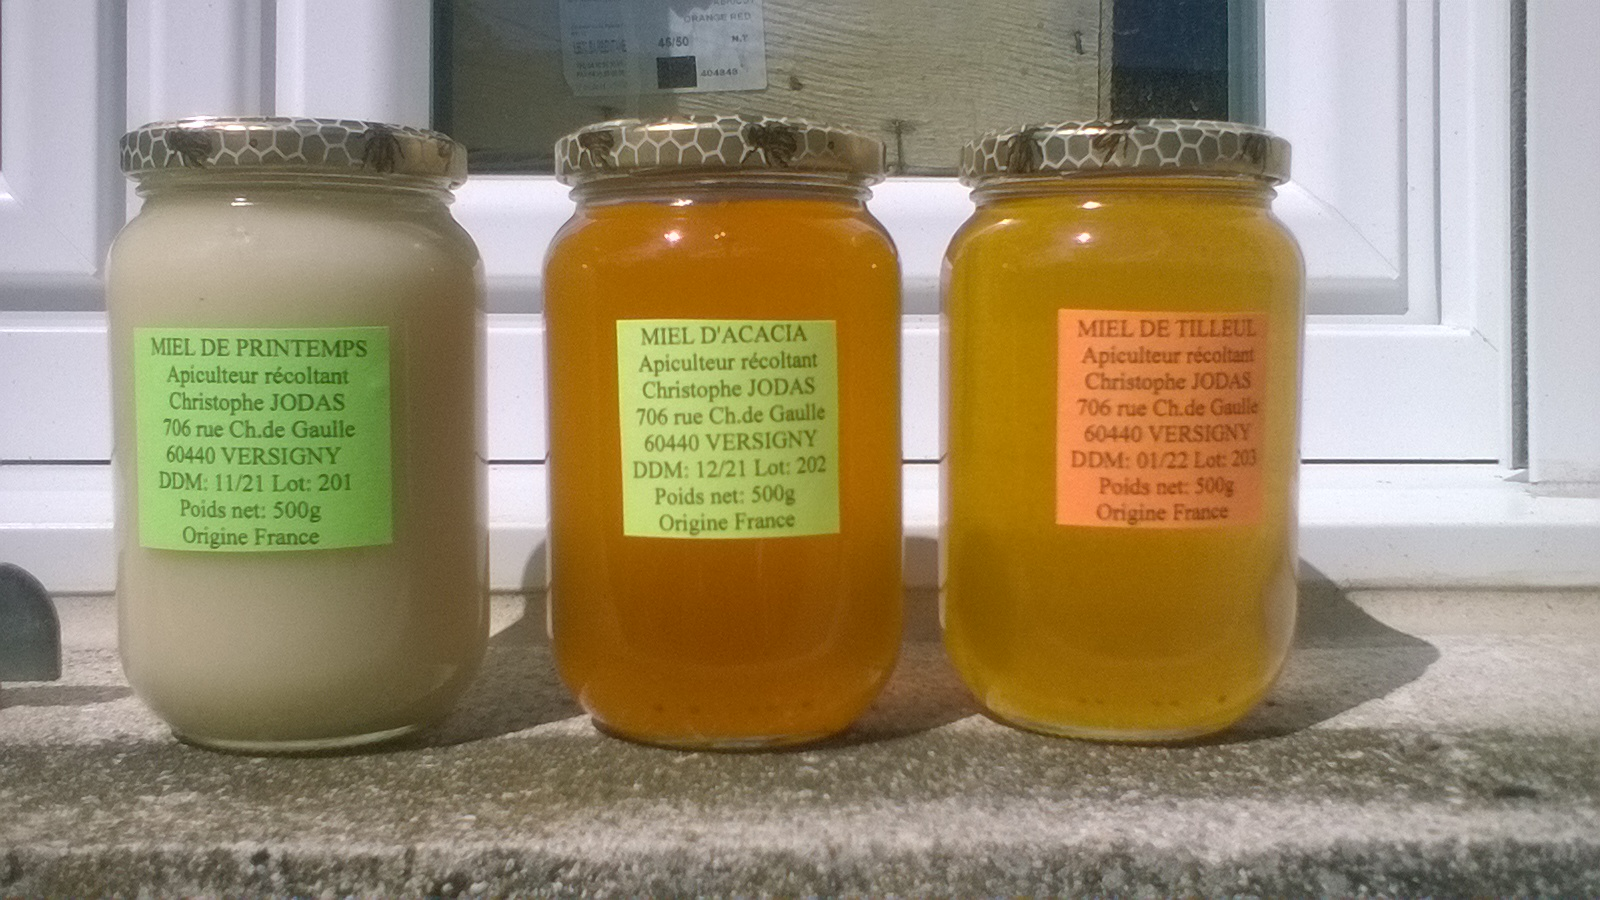 Miels de printemps, d'acacia, de tilleul et de forêt. Propolis à sucer, alcoolat (teinture mère) de propolis, savons au miel....